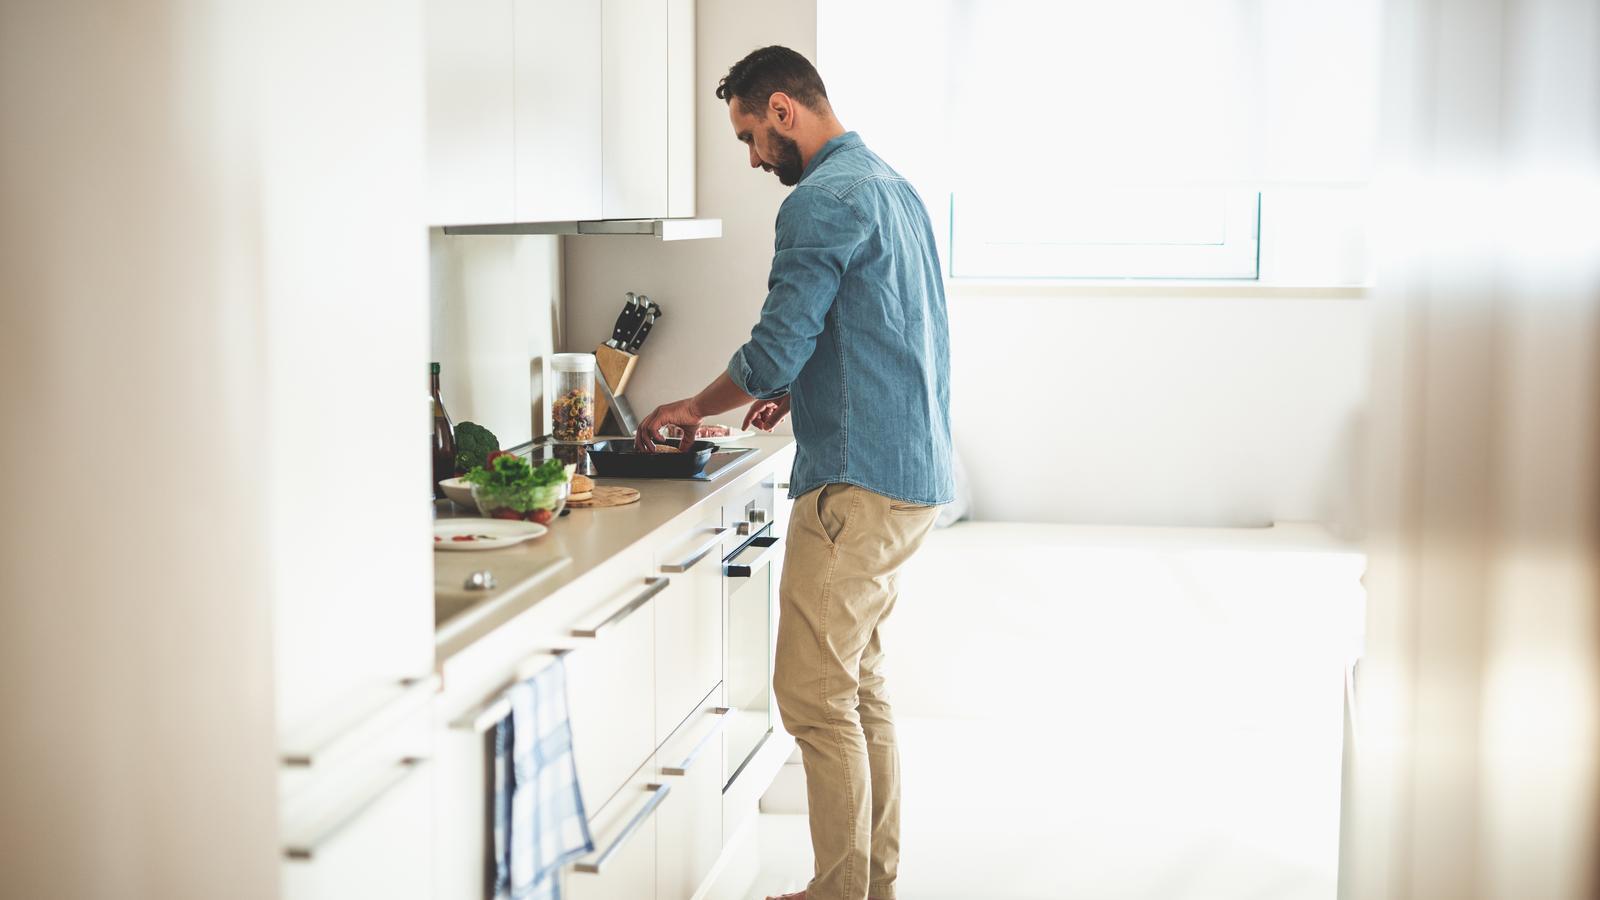 Un noi prepara cuinant a casa / GETTY